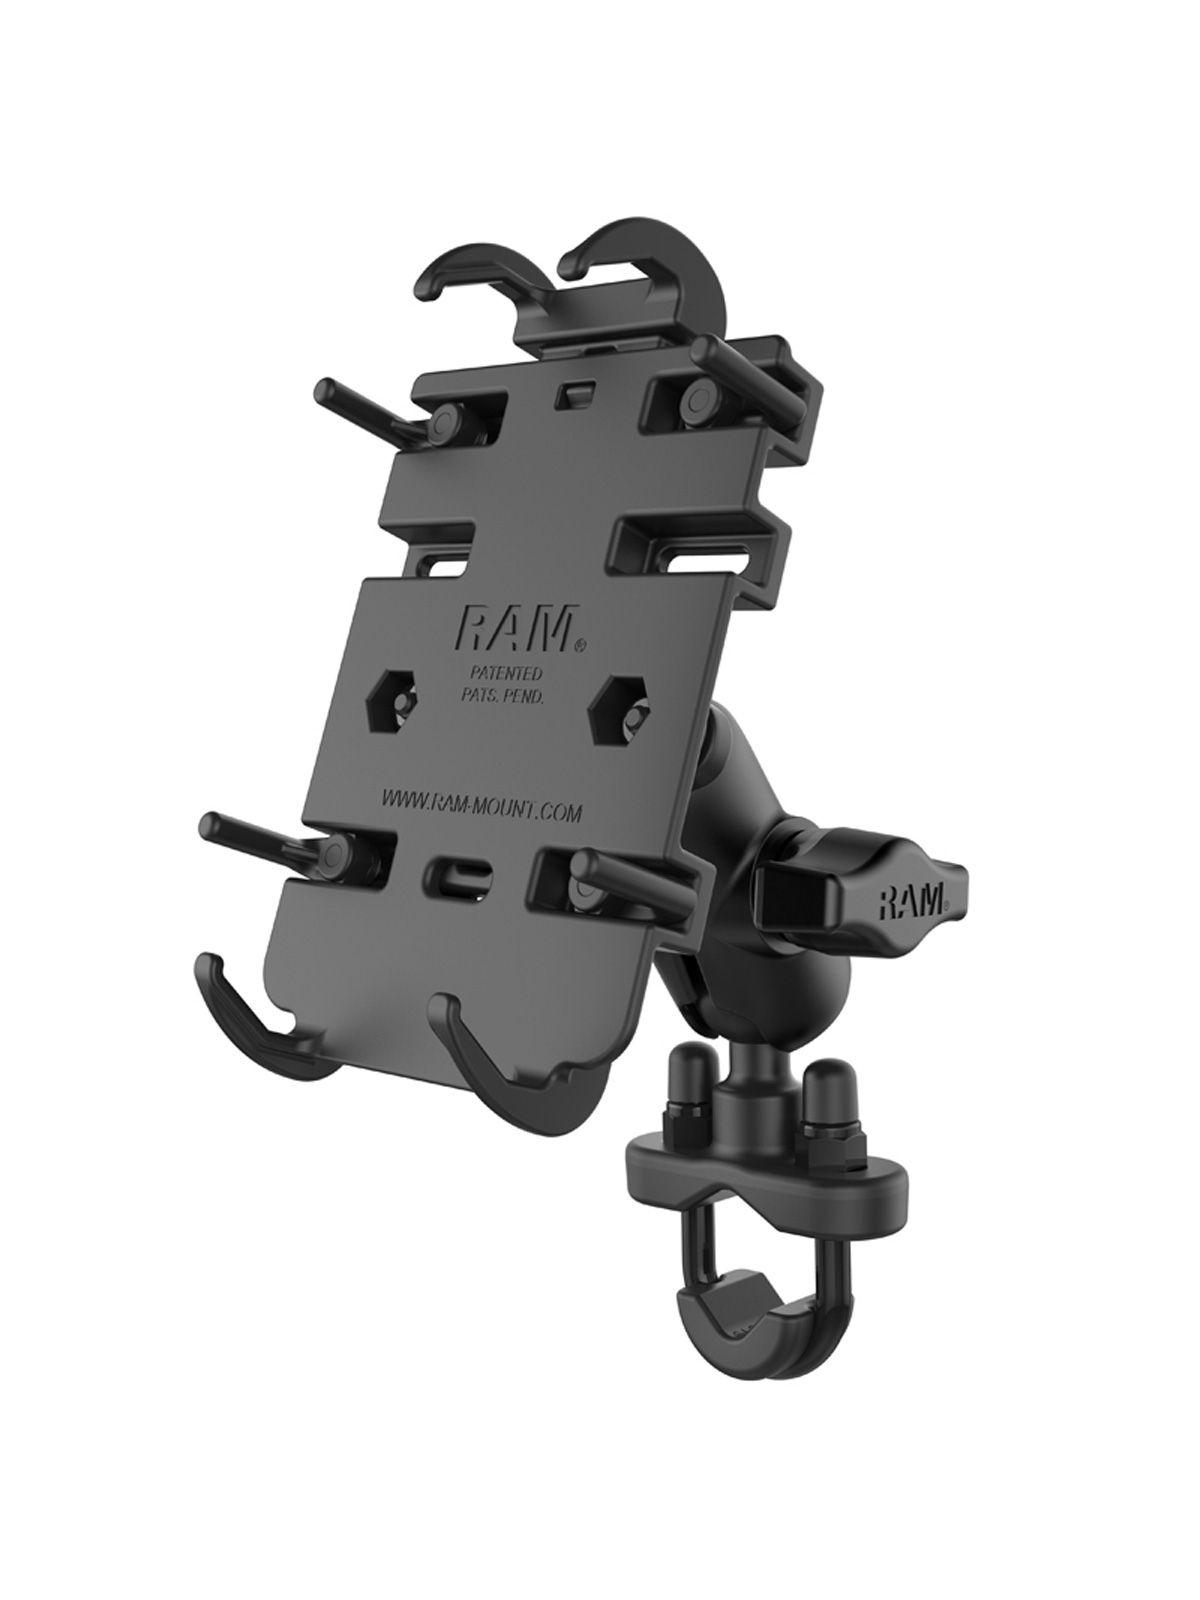 RAM Mounts Universal Lenker-/Rohr-Halterung - B-Kugel (1 Zoll), Rohr-Klemme, kurzer Verbindungsarm, Universal Quick-Grip Halteschale